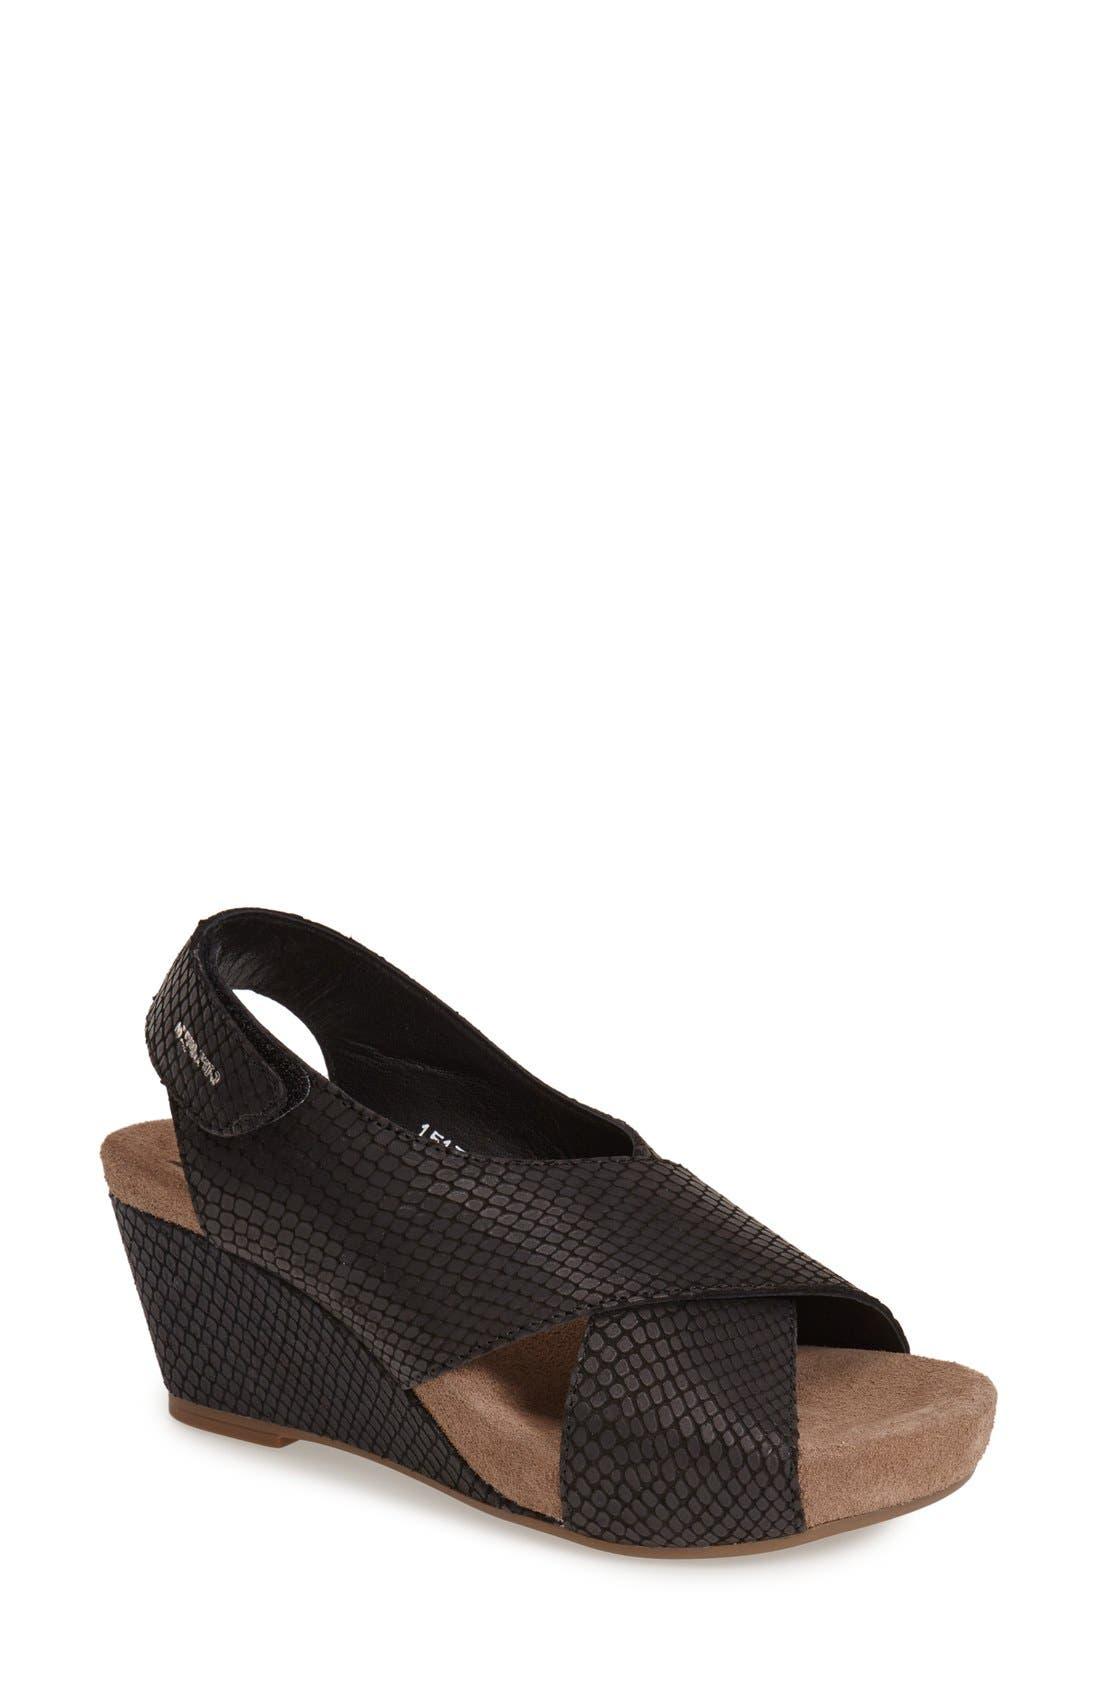 Main Image - Mephisto 'Belina' Slingback Wedge Sandal (Women)